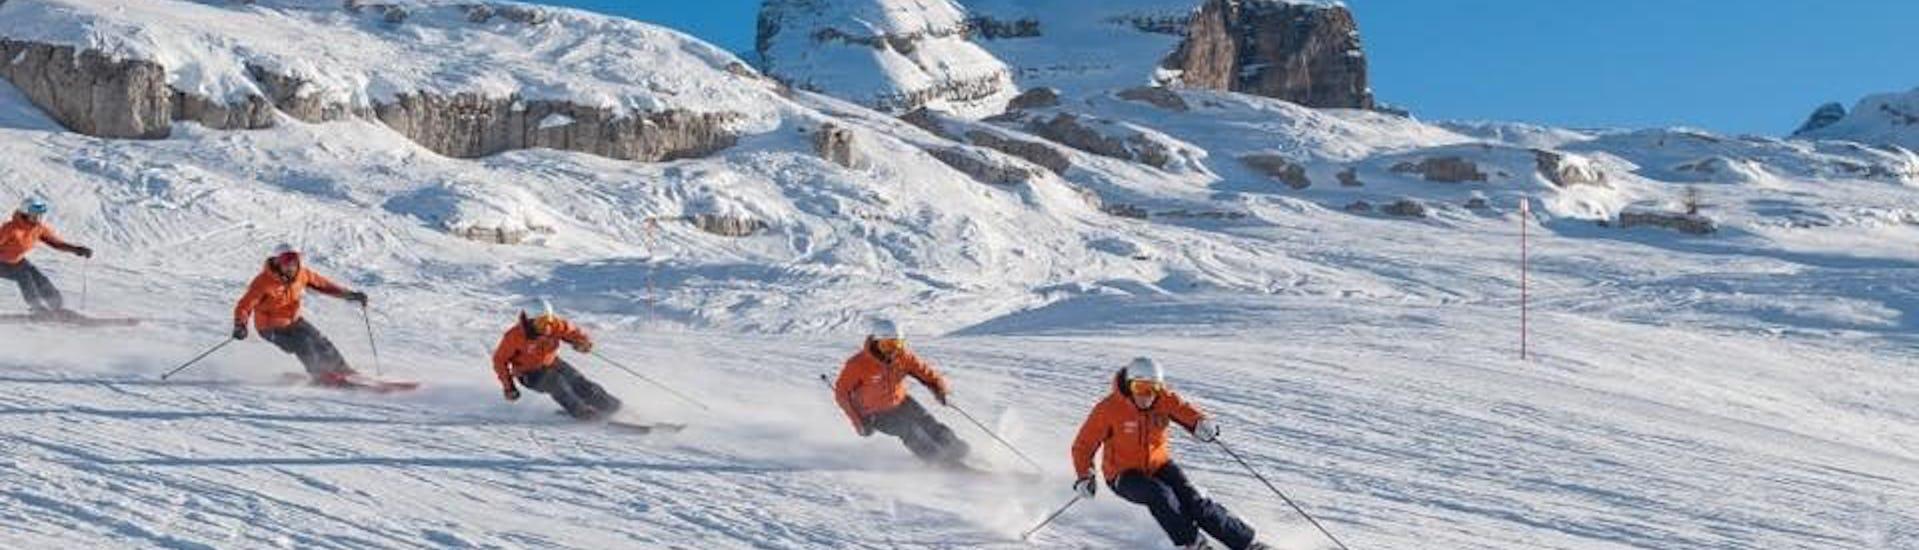 Ski Privatlehrer für Erwachsene - Hochsaison